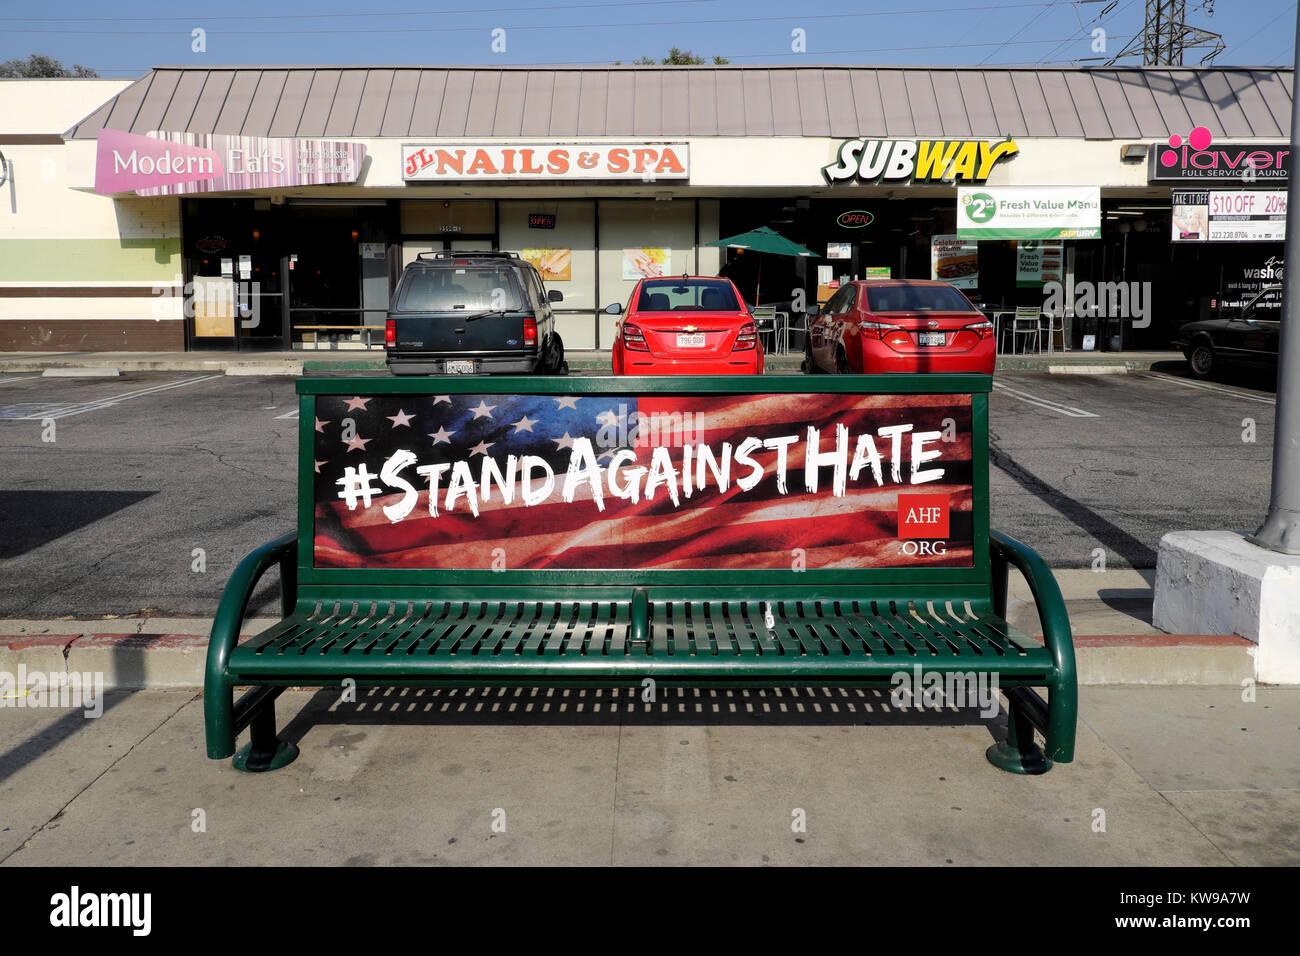 AIDS Healthcare Foundation #STAND contro la campagna di odio annuncio con la bandiera americana su una panchina Immagini Stock